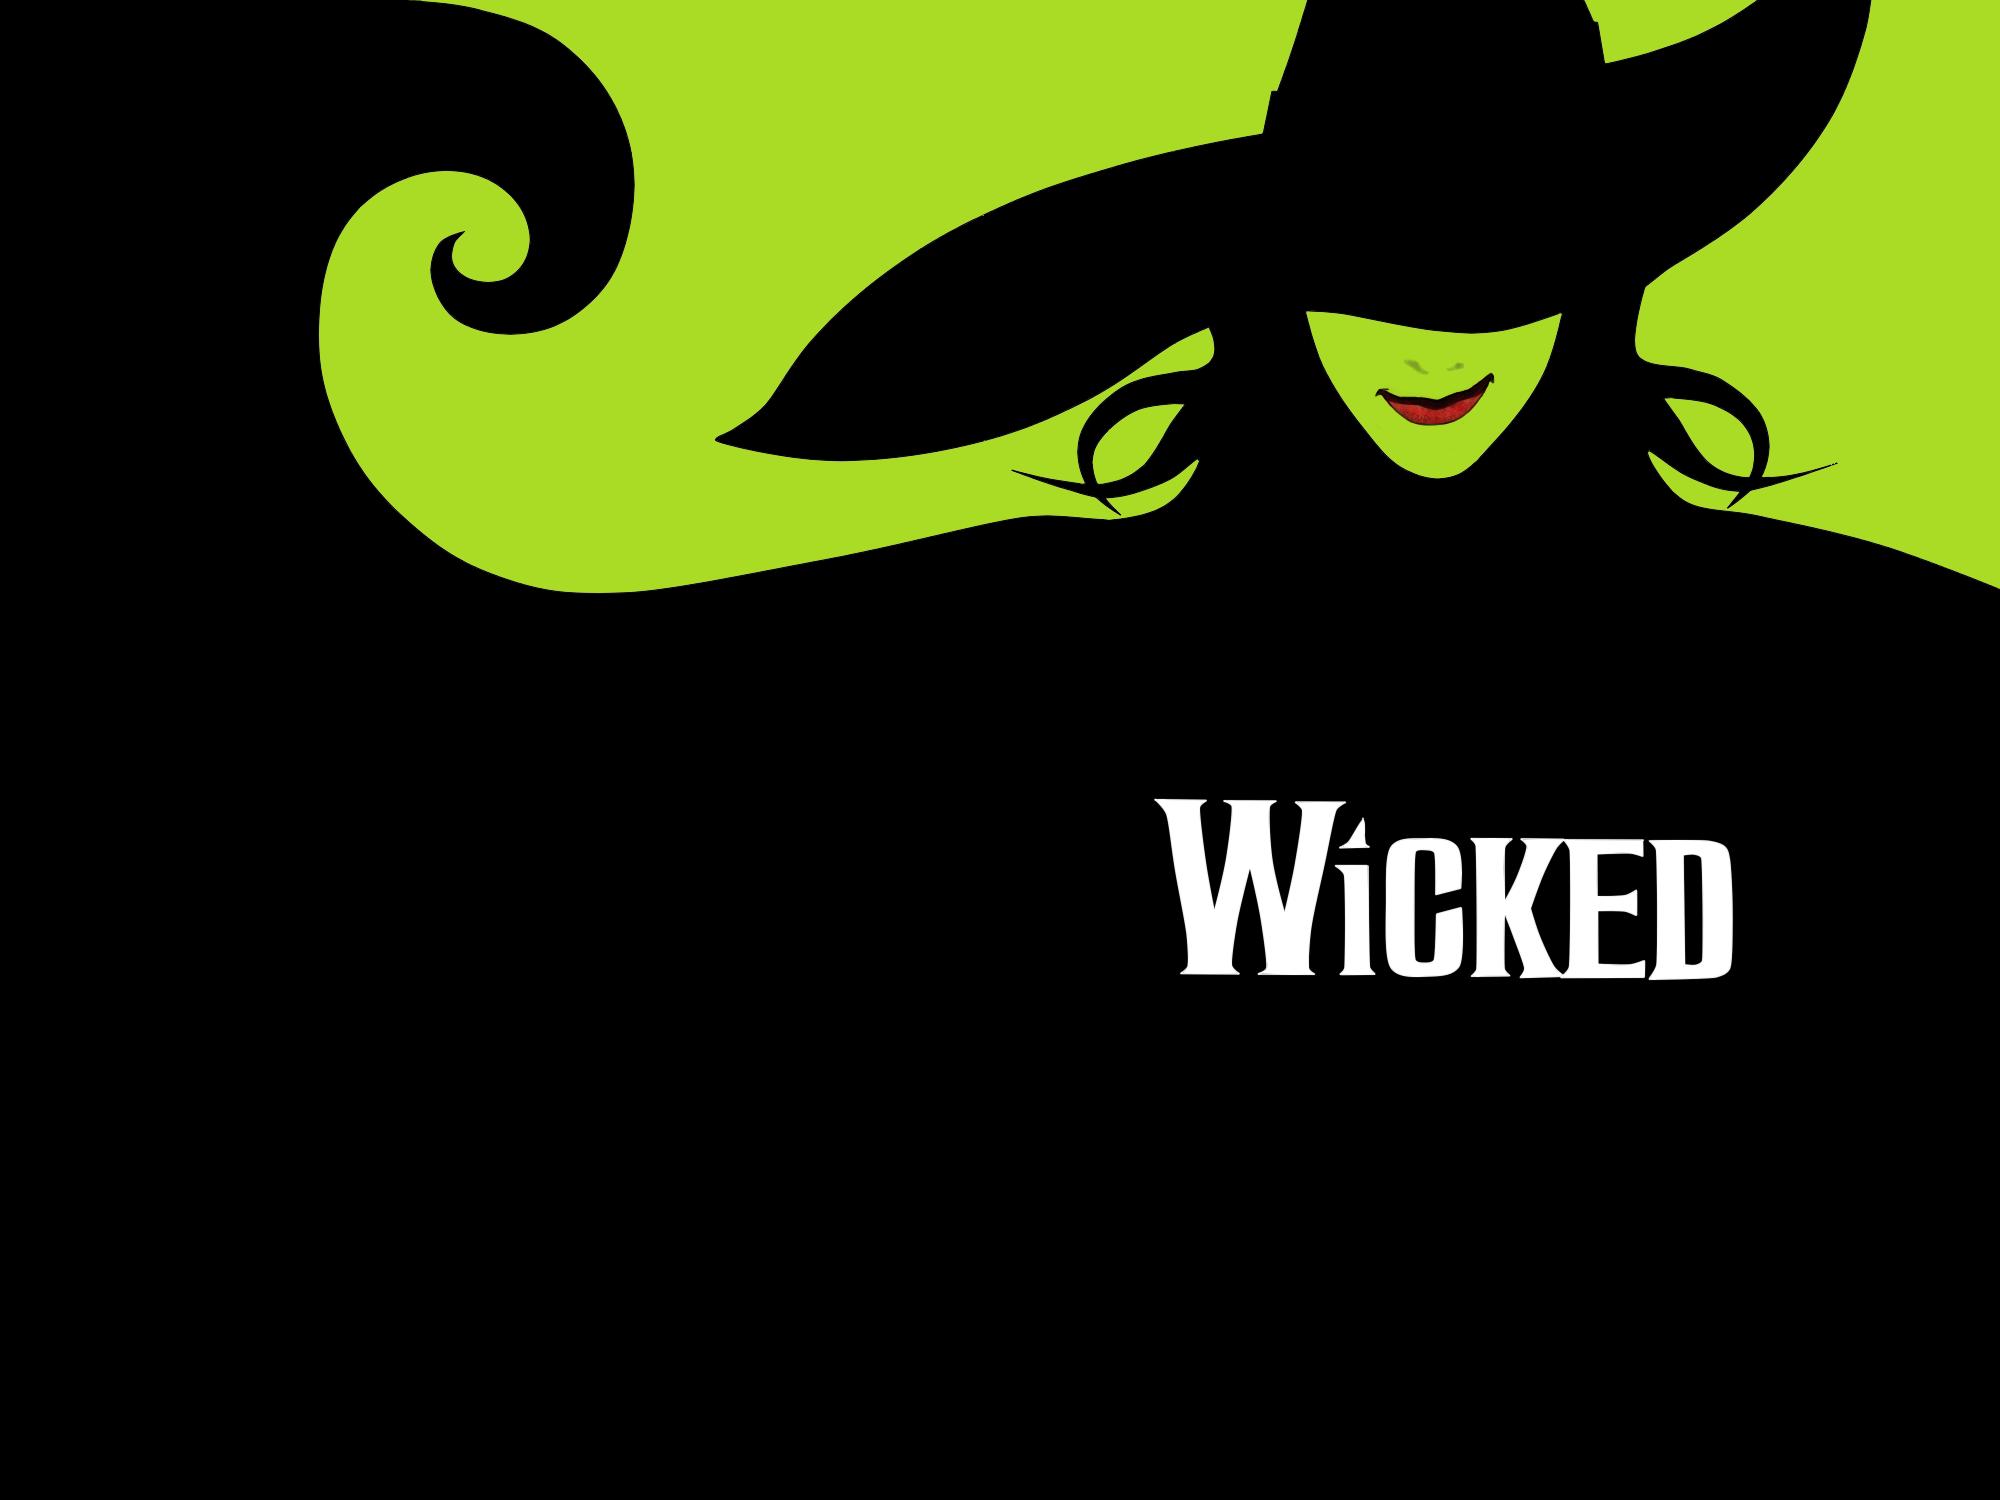 wicked wallpaper hq by eozon fan art wallpaper books novels 2013 2015 2000x1500